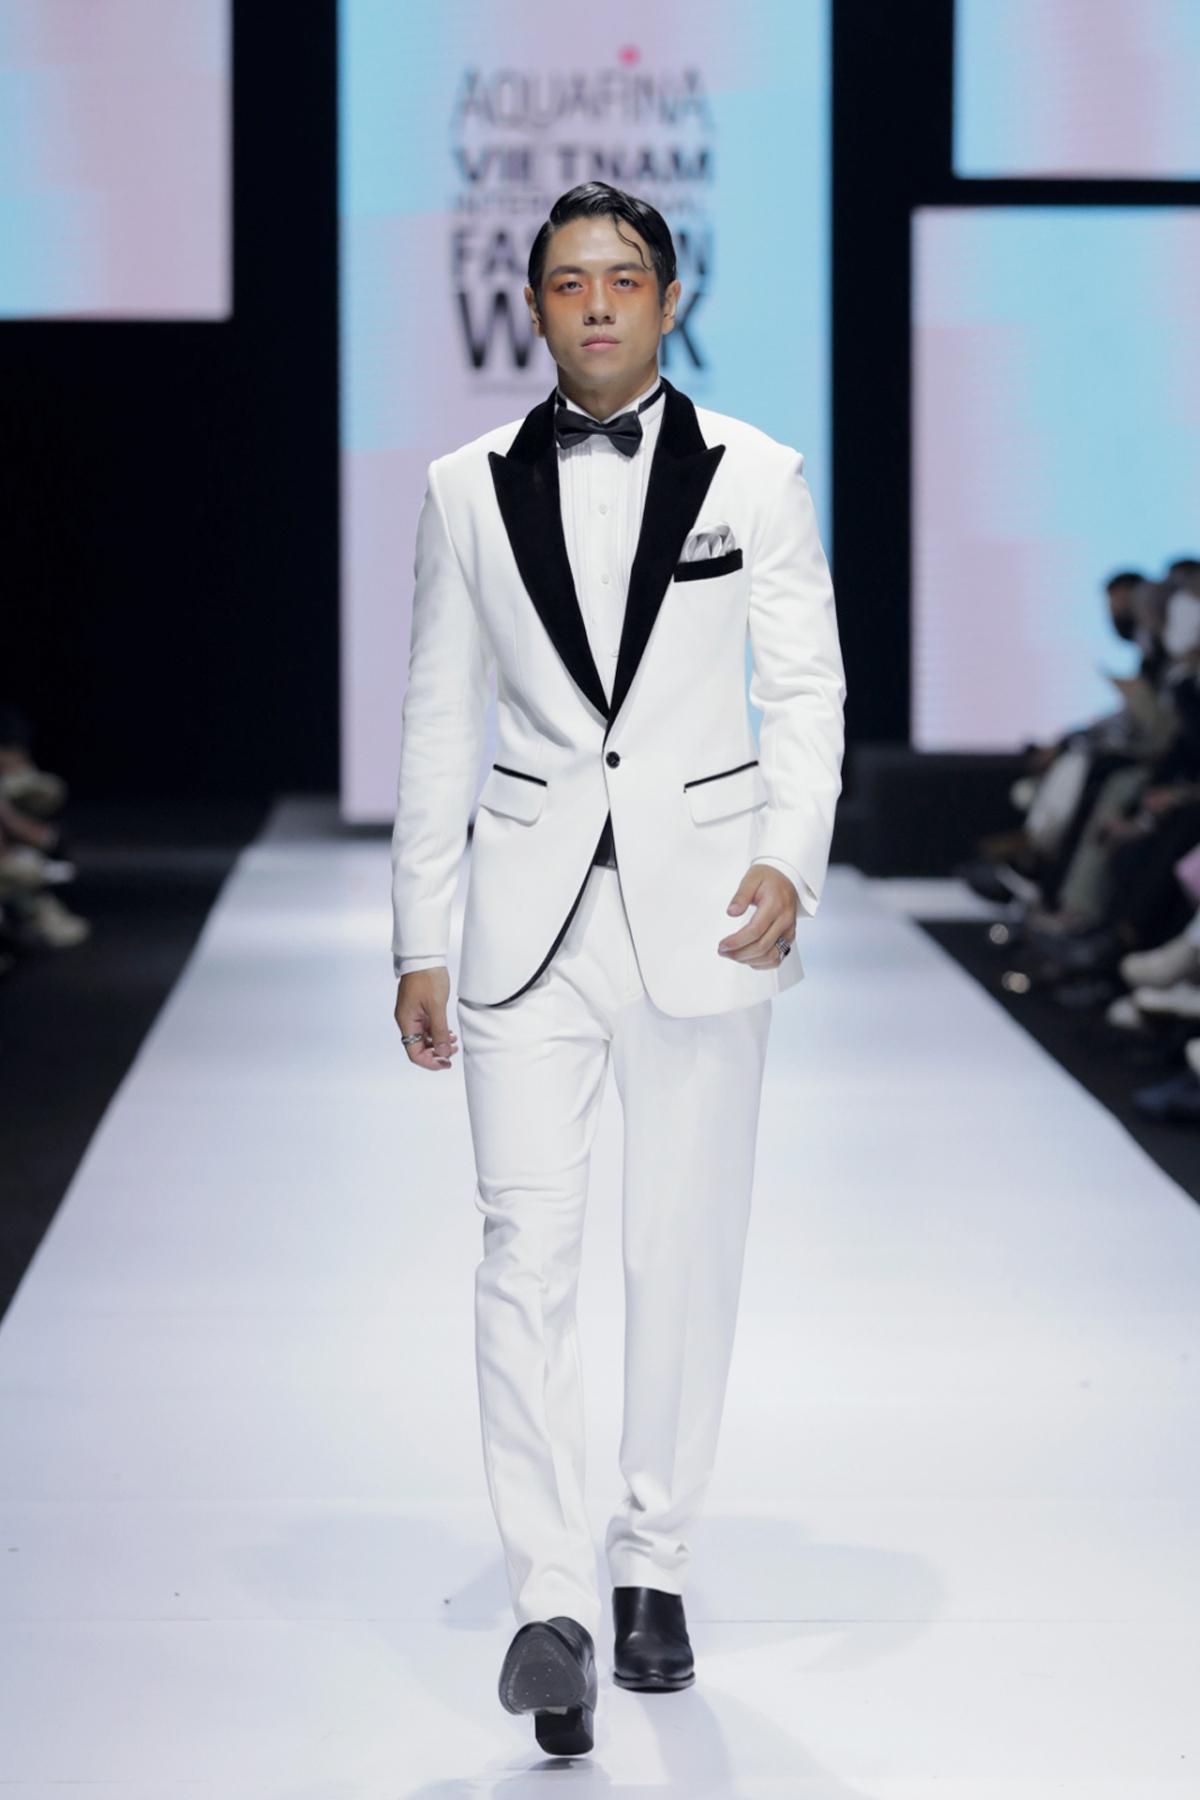 Những bộ vest đơn giản, khiến những chàng trai của Hoàng Minh Hà ổn áp hơn bao giờ hết.